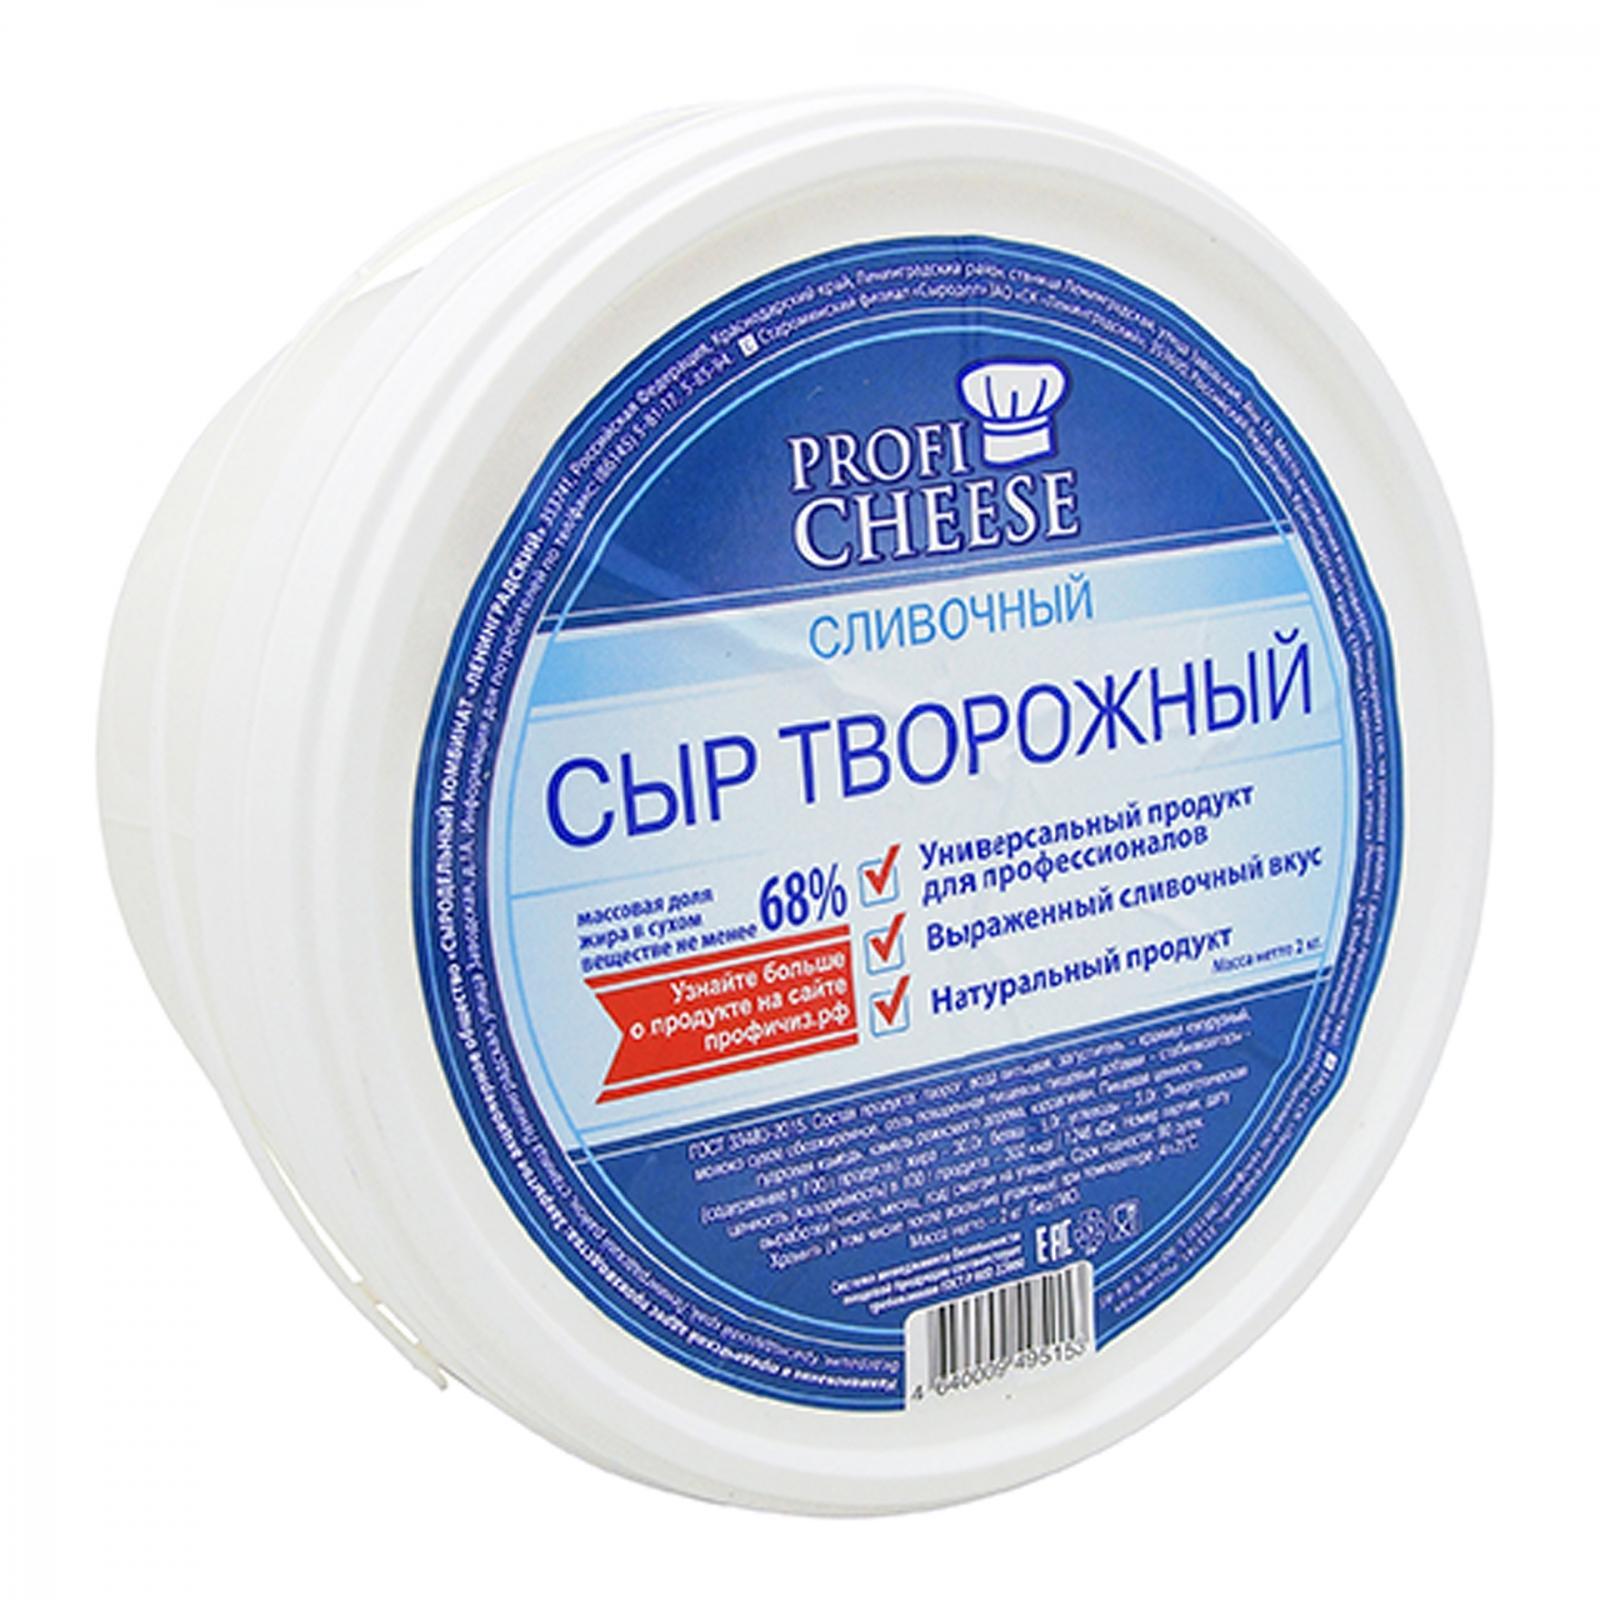 Сыр Profi Cheese Творожный сливочный 68%, Россия